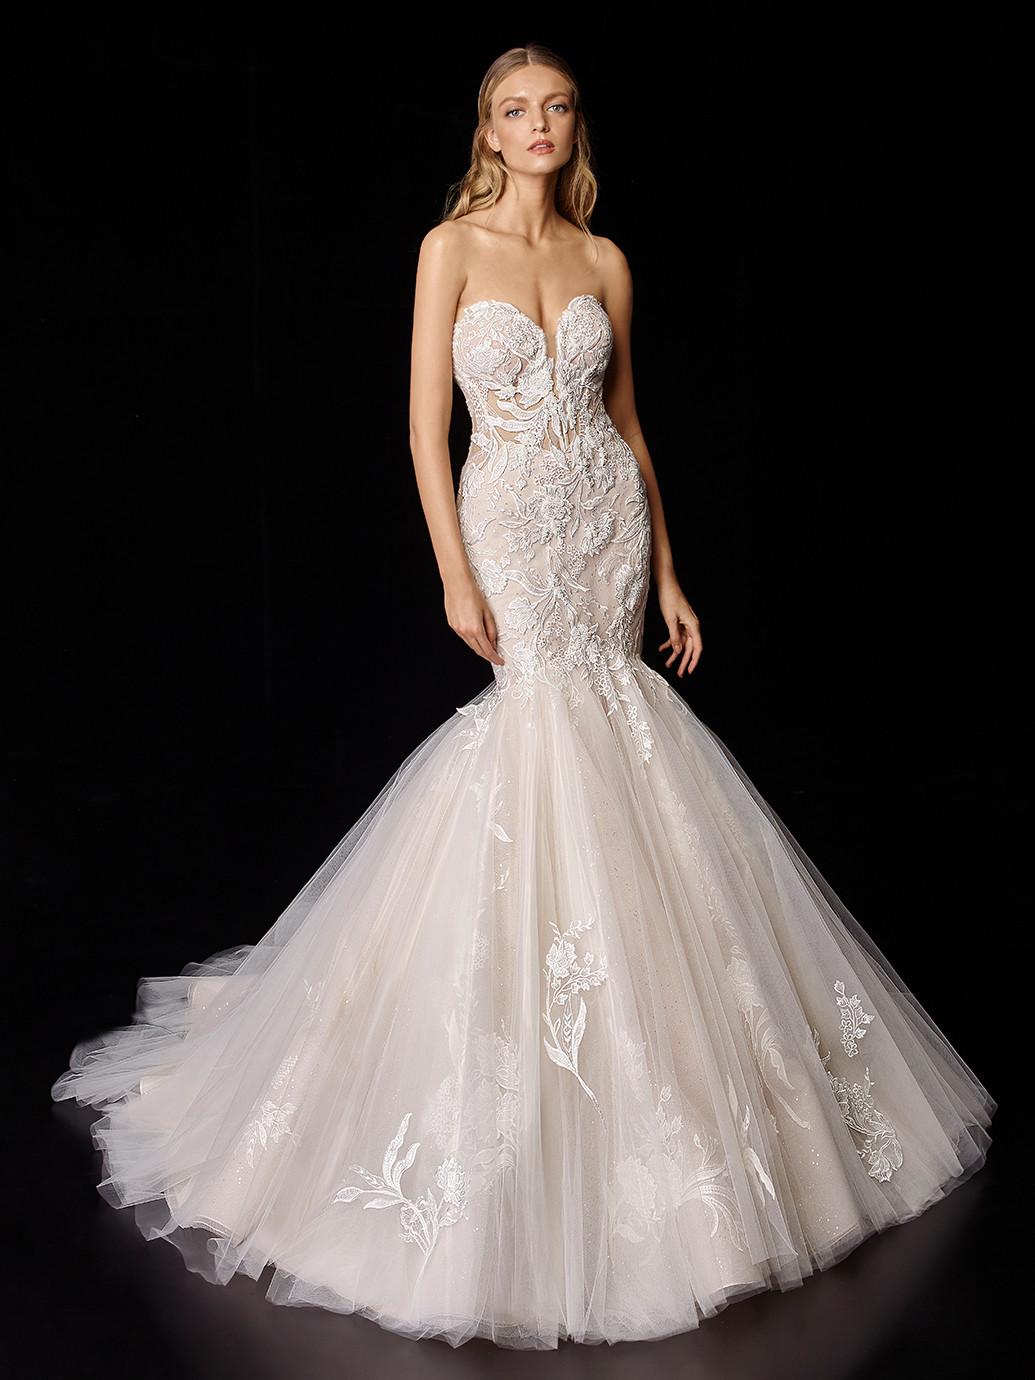 Trägerloses, nudefarbenes Brautkleid mit Glitter-Tüll und 3D-Spitze von Enzoani, Modell Phyllis